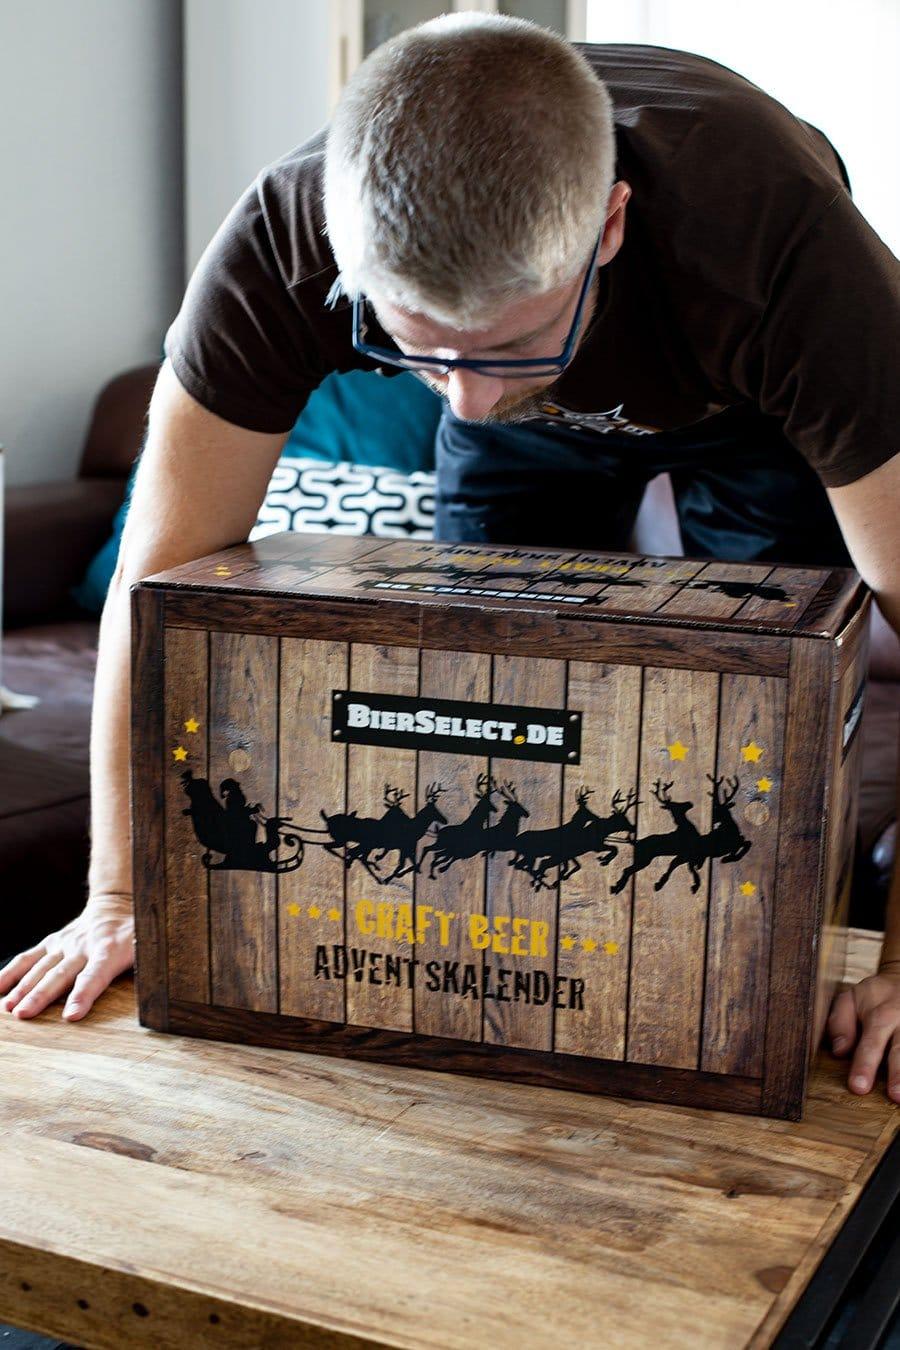 Geschenkidee für die großen Jungs - der Craft Beer Adventskalender von BierSelect